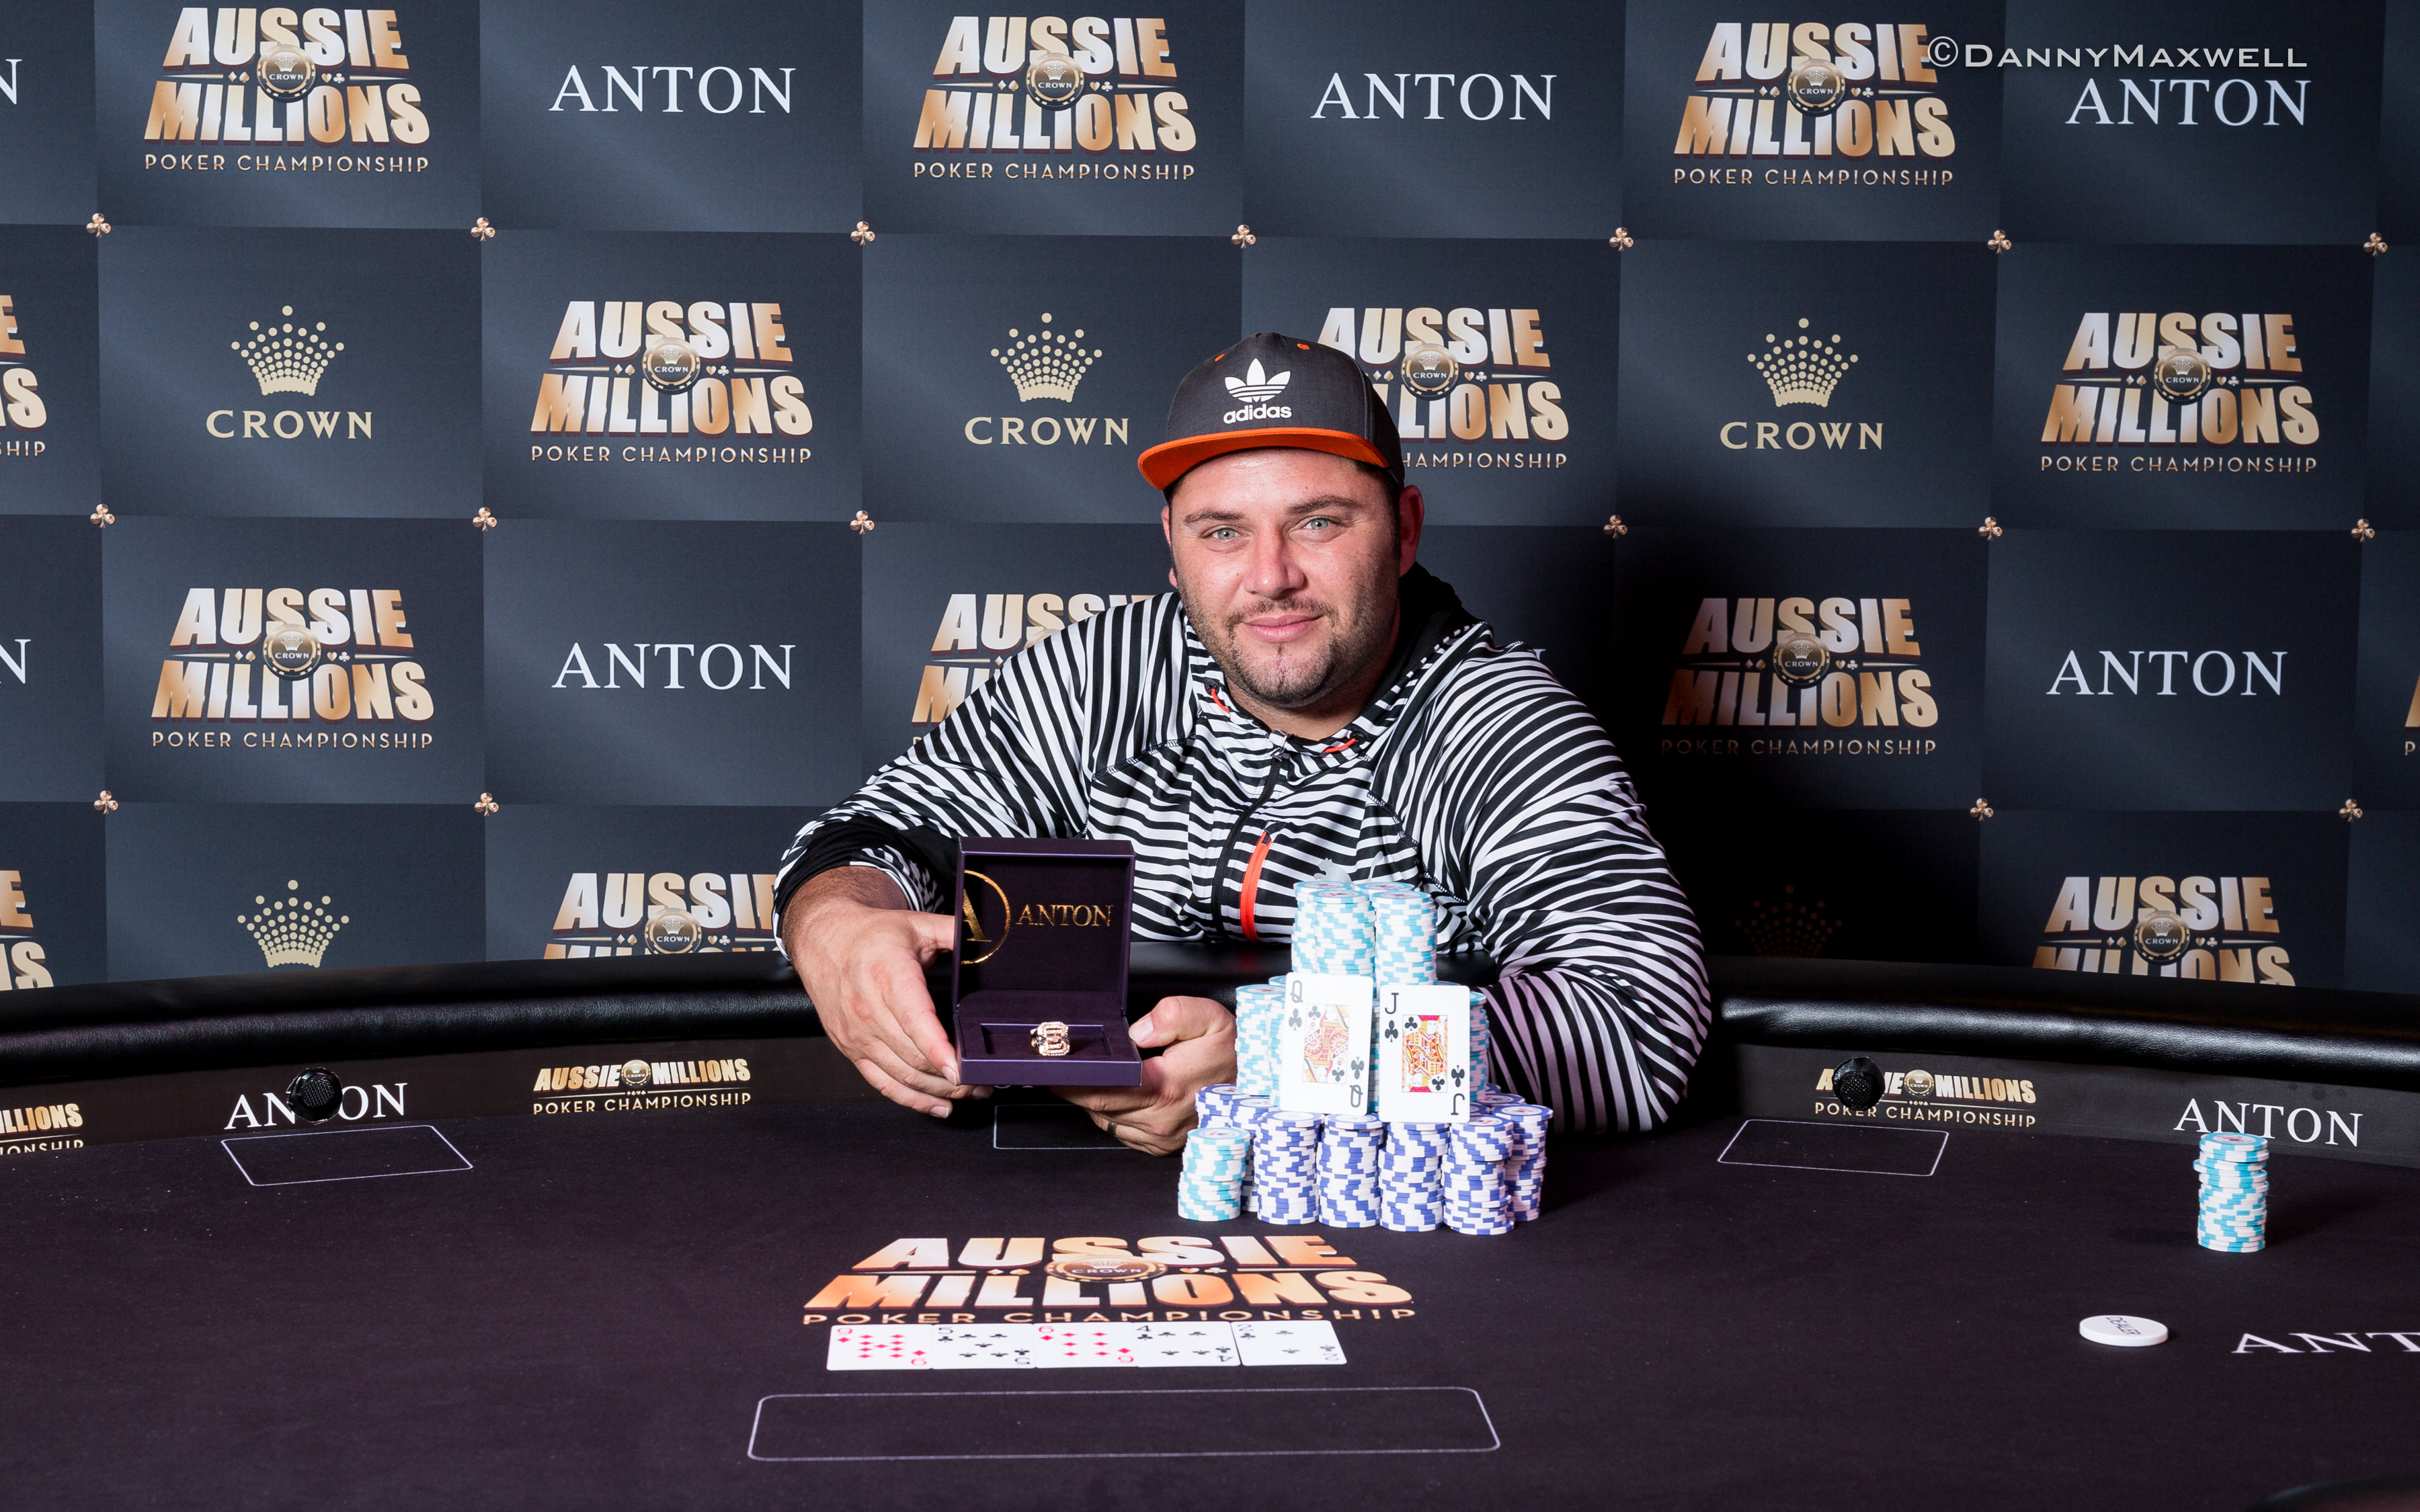 George Psarras - Event 17 Winner Aussie Millions 2017